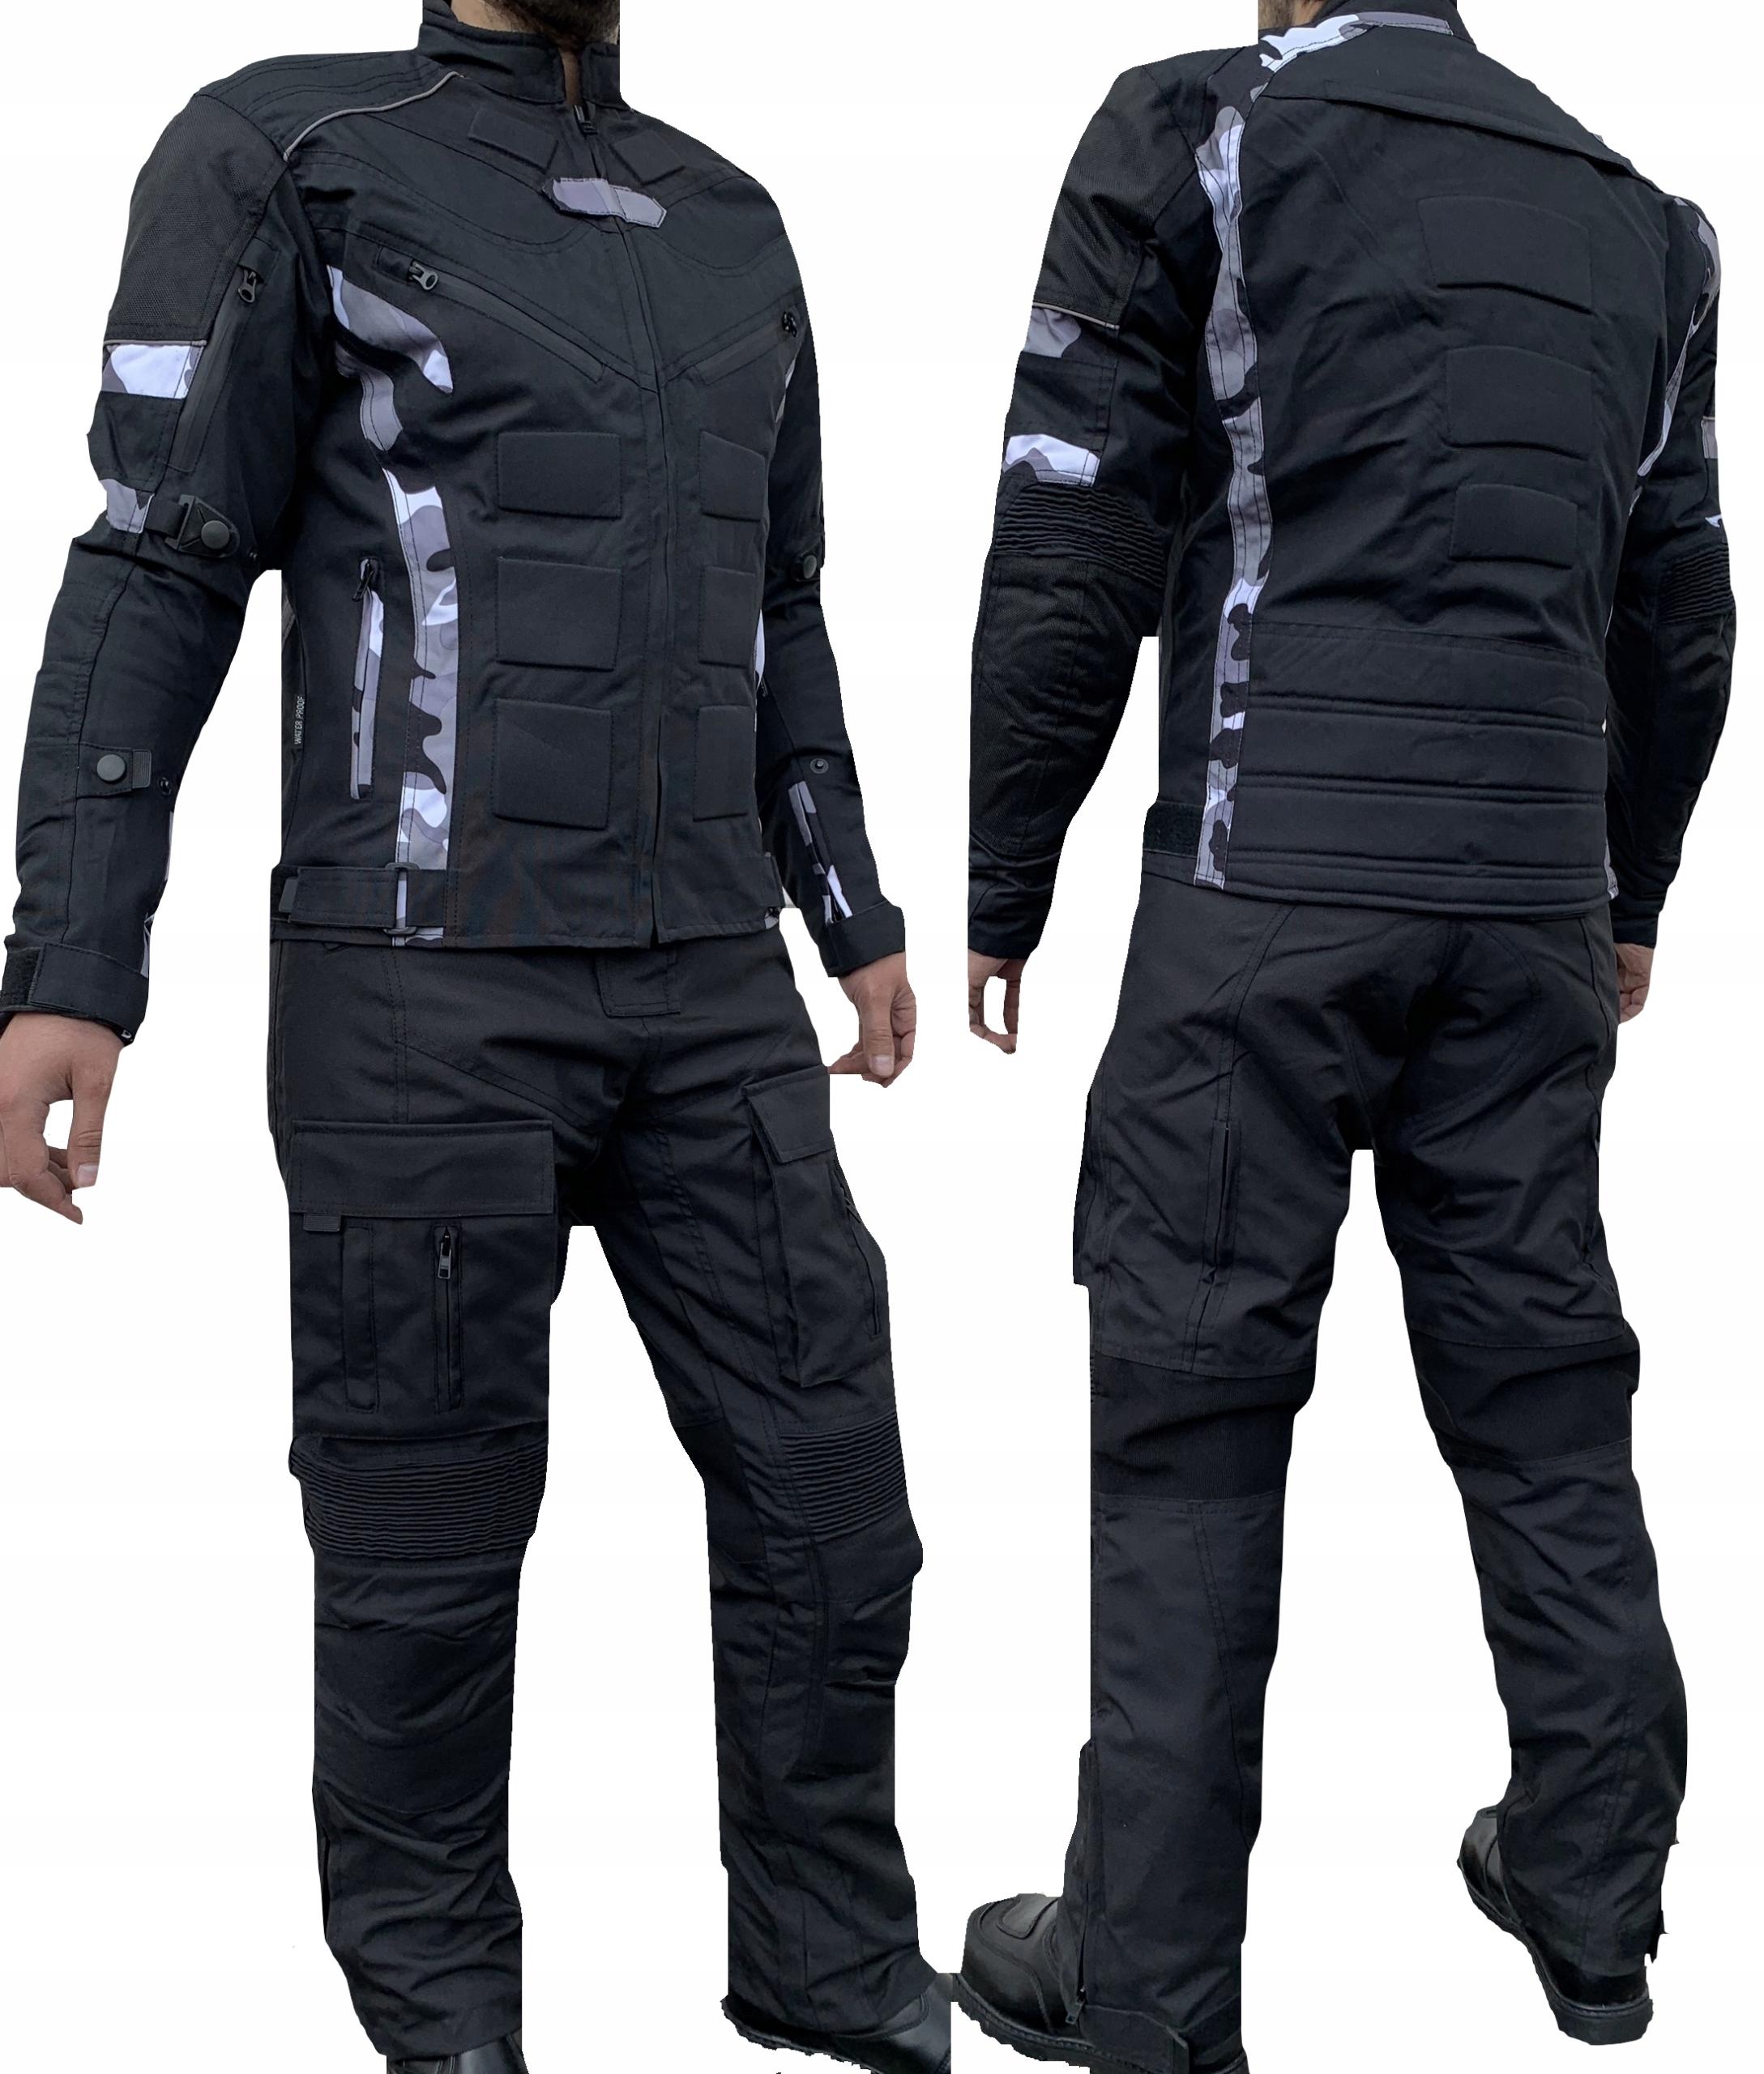 Купить Куртка + штаны.Костюм на мотор 3XL NEW на Otpravka - цены и фото - доставка из Польши и стран Европы в Украину.